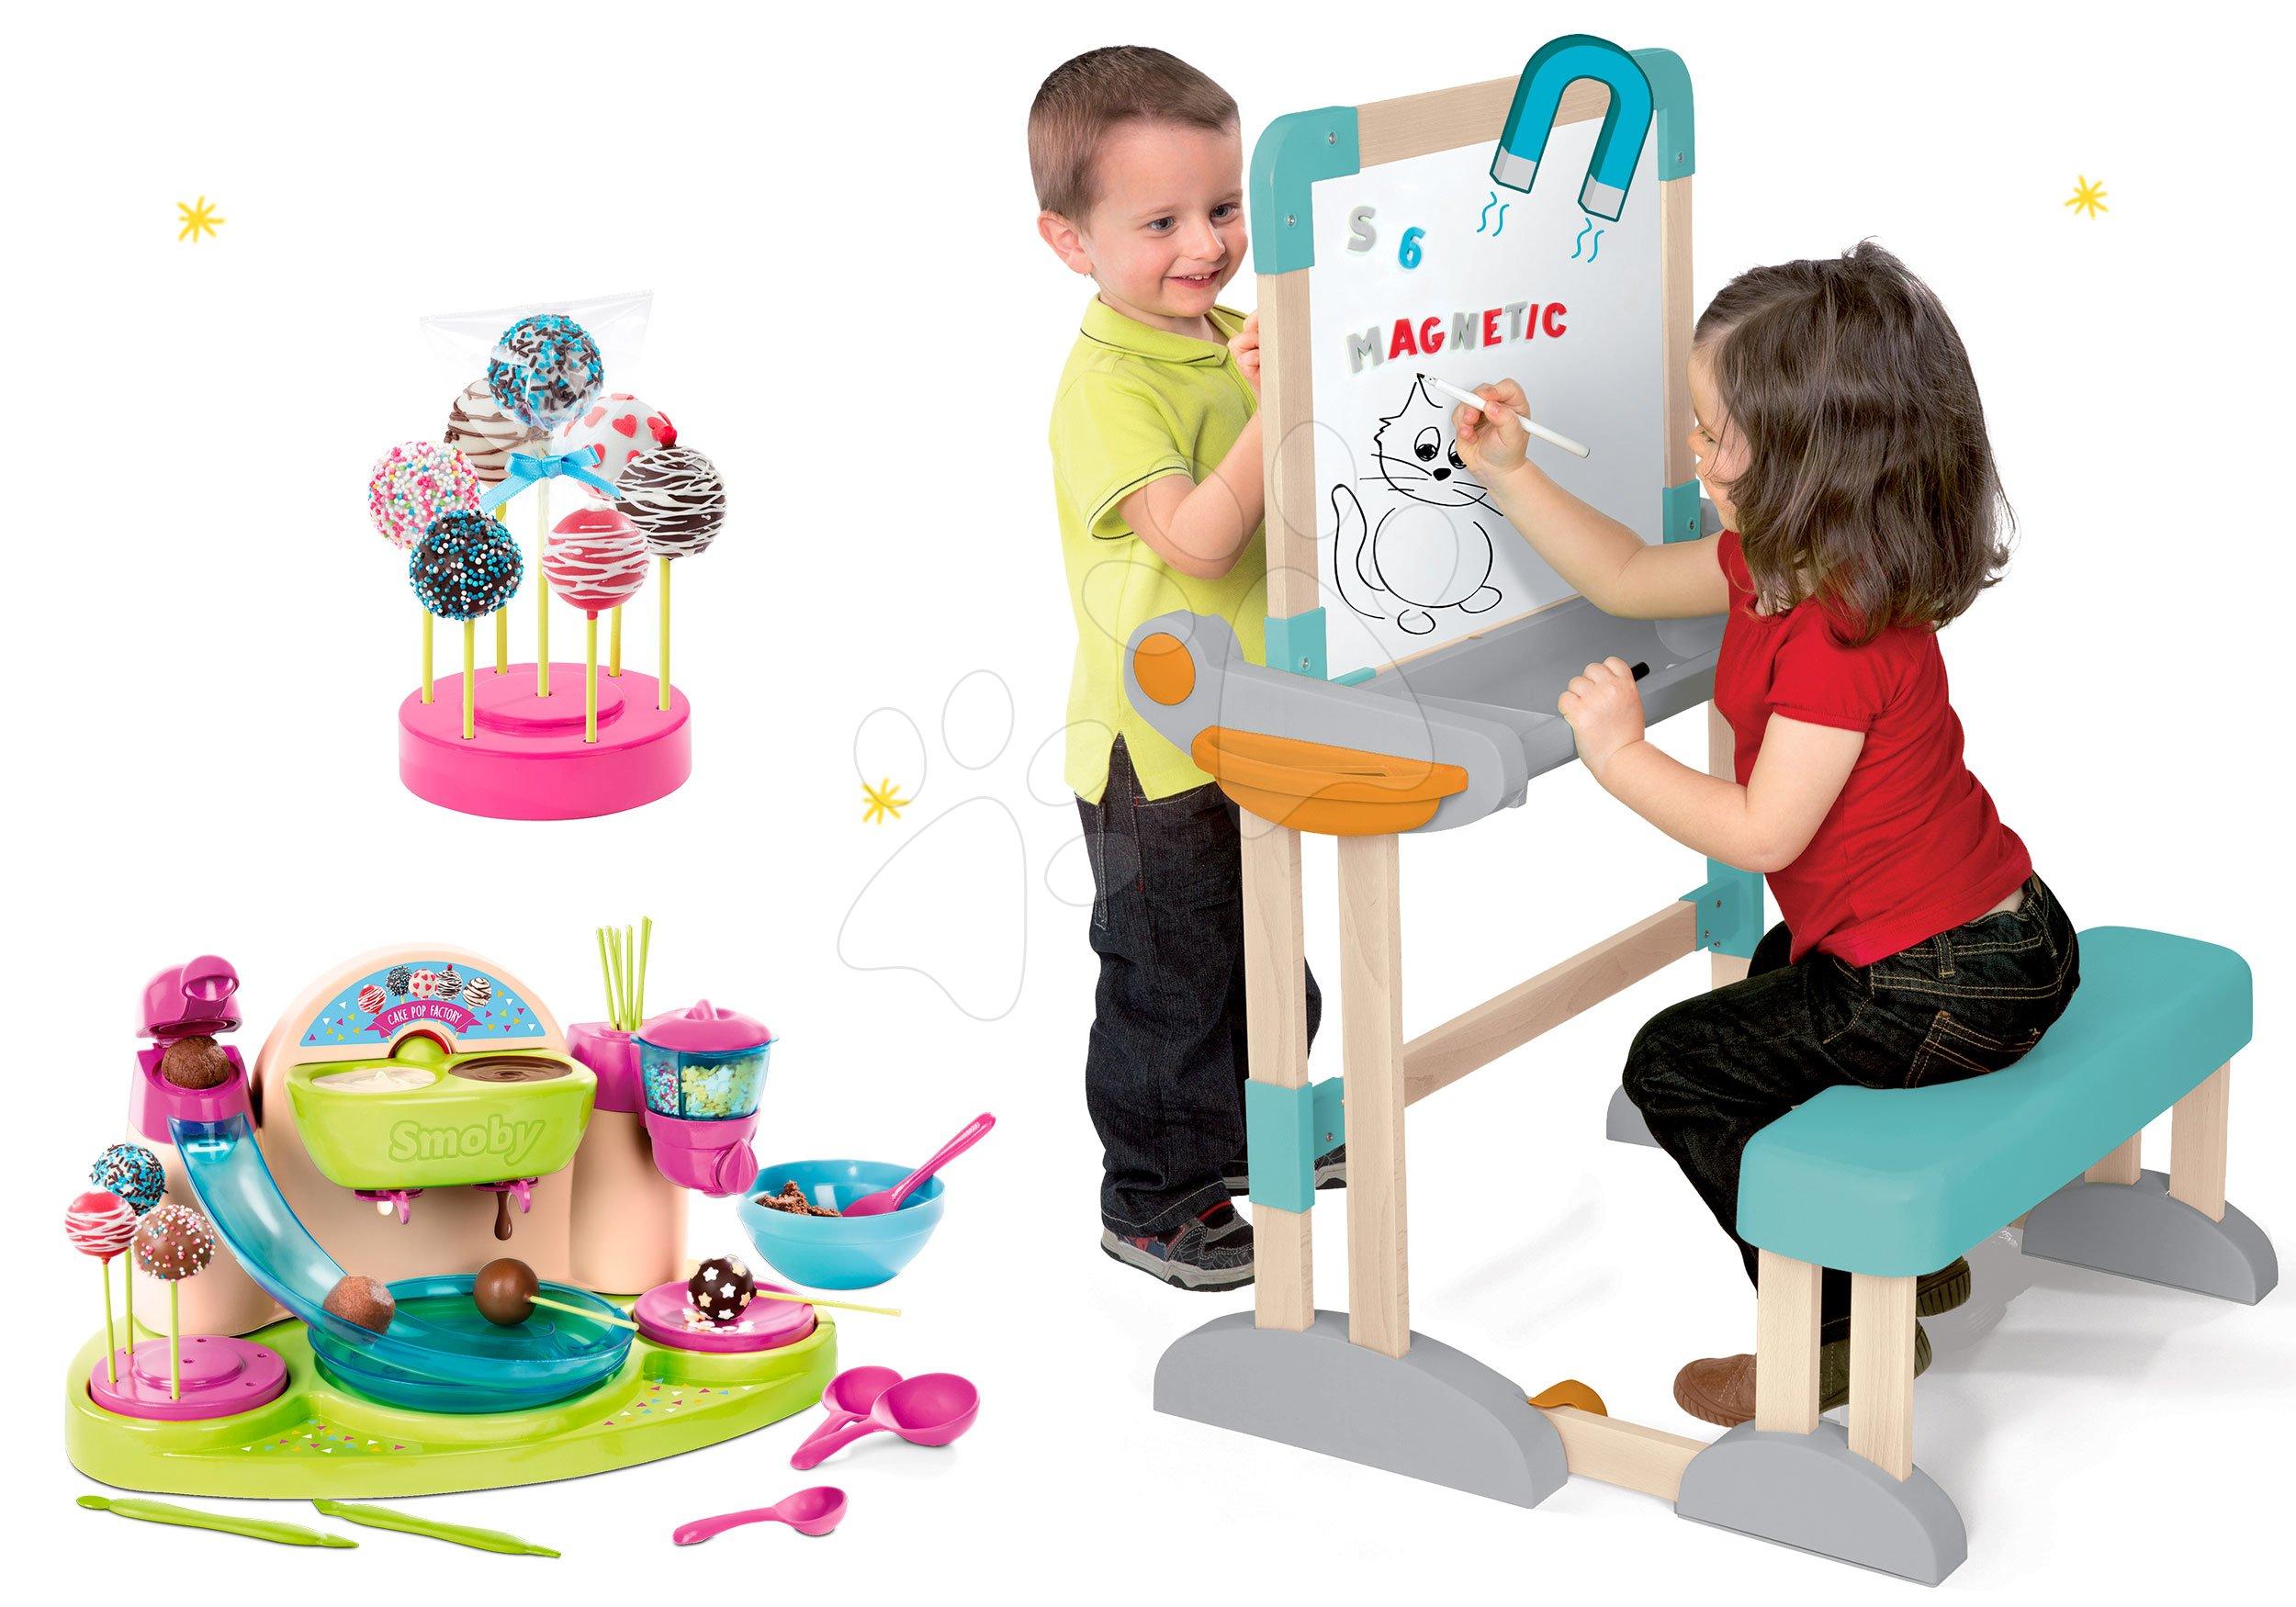 Set drevená lavica Modulo Space skladacia magnetická Smoby na kriedu a hravá kuchárka Cukráreň